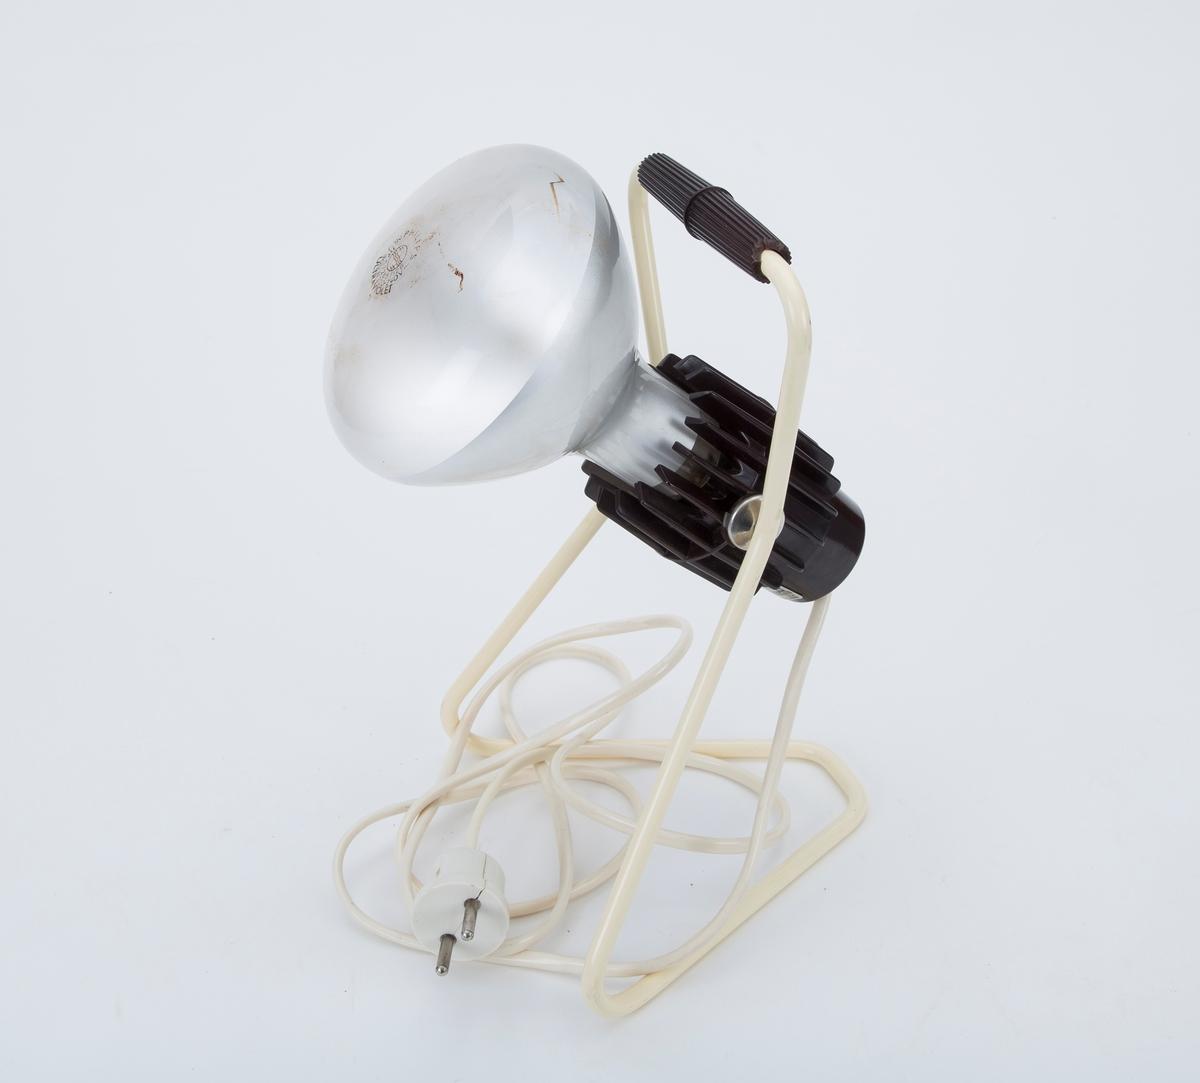 Lampe med UV-pære for kunstig soling. Ligger i originaleske med prislapp kr. 95.